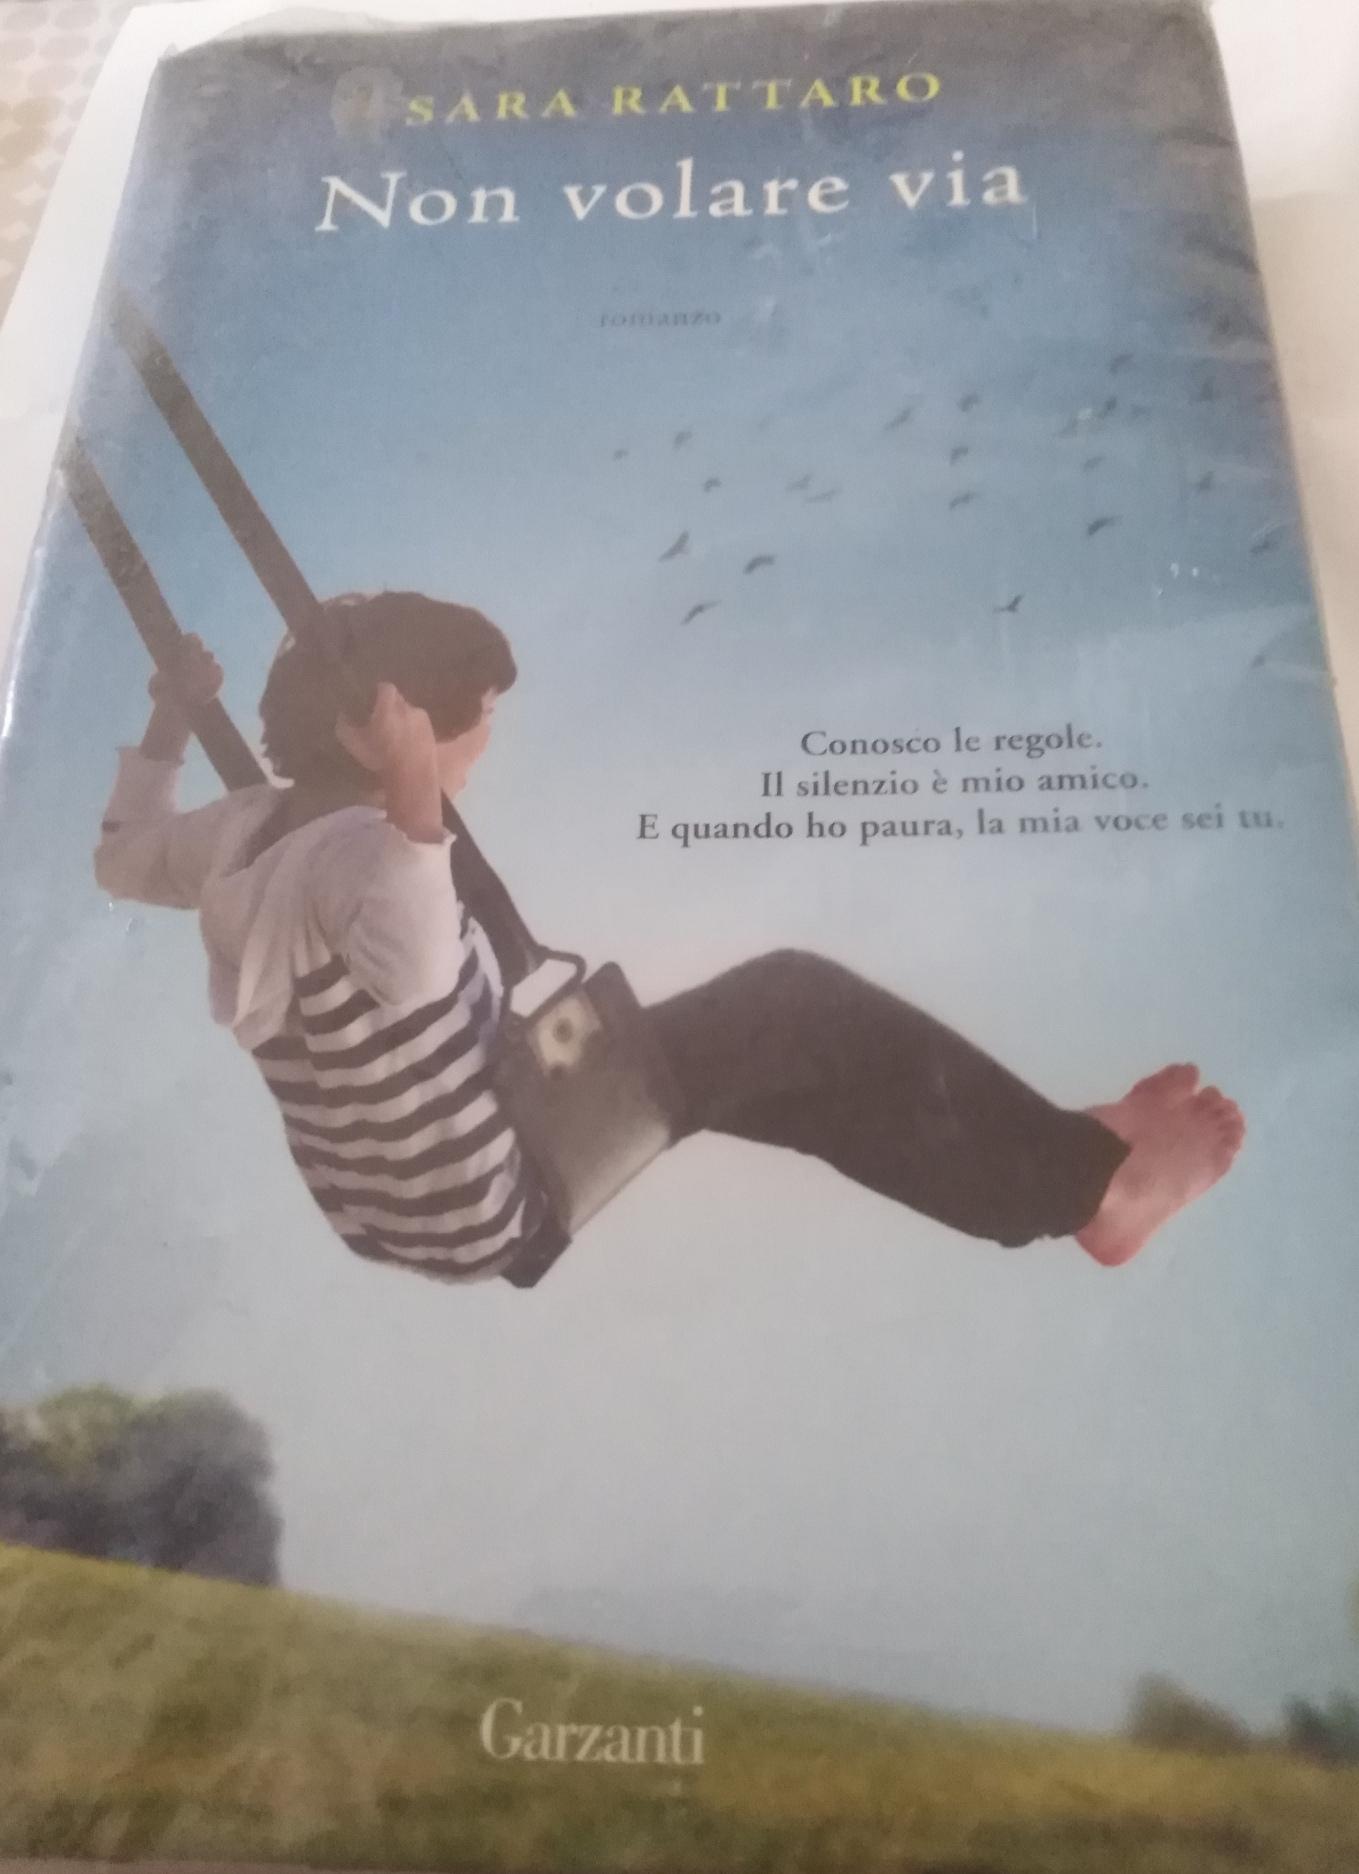 """""""Non volare via"""" di Sara Rattaro: un libro sulla disabilità e sull'amore - Featured image"""